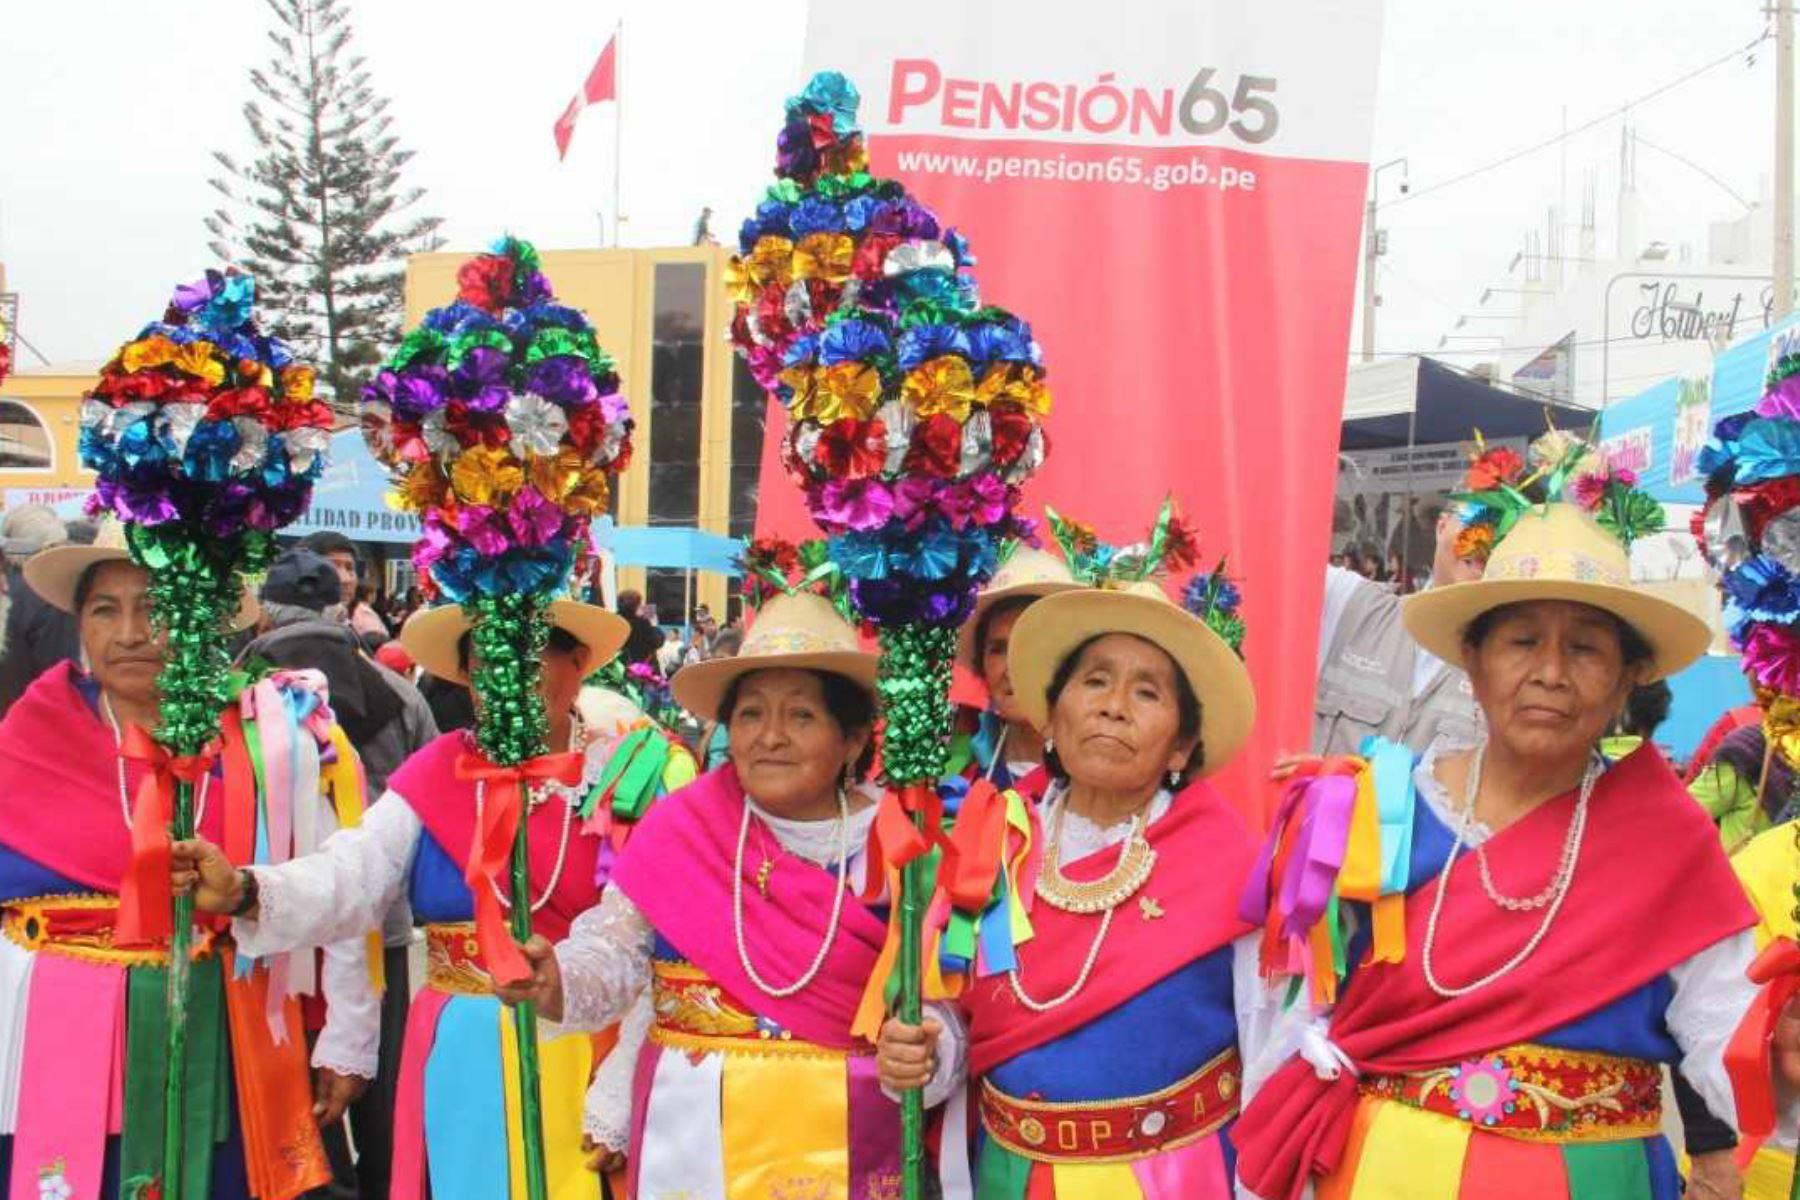 Con campañas de salud y jornadas de difusión de sus derechos, así como encuentros de saberes productivos, concurso de cometas y paseos turísticos, los usuarios y usuarias del Programa Nacional de Asistencia Solidaria Pensión 65 celebran el Día del Adulto Mayor en diversas regiones de todo el país.